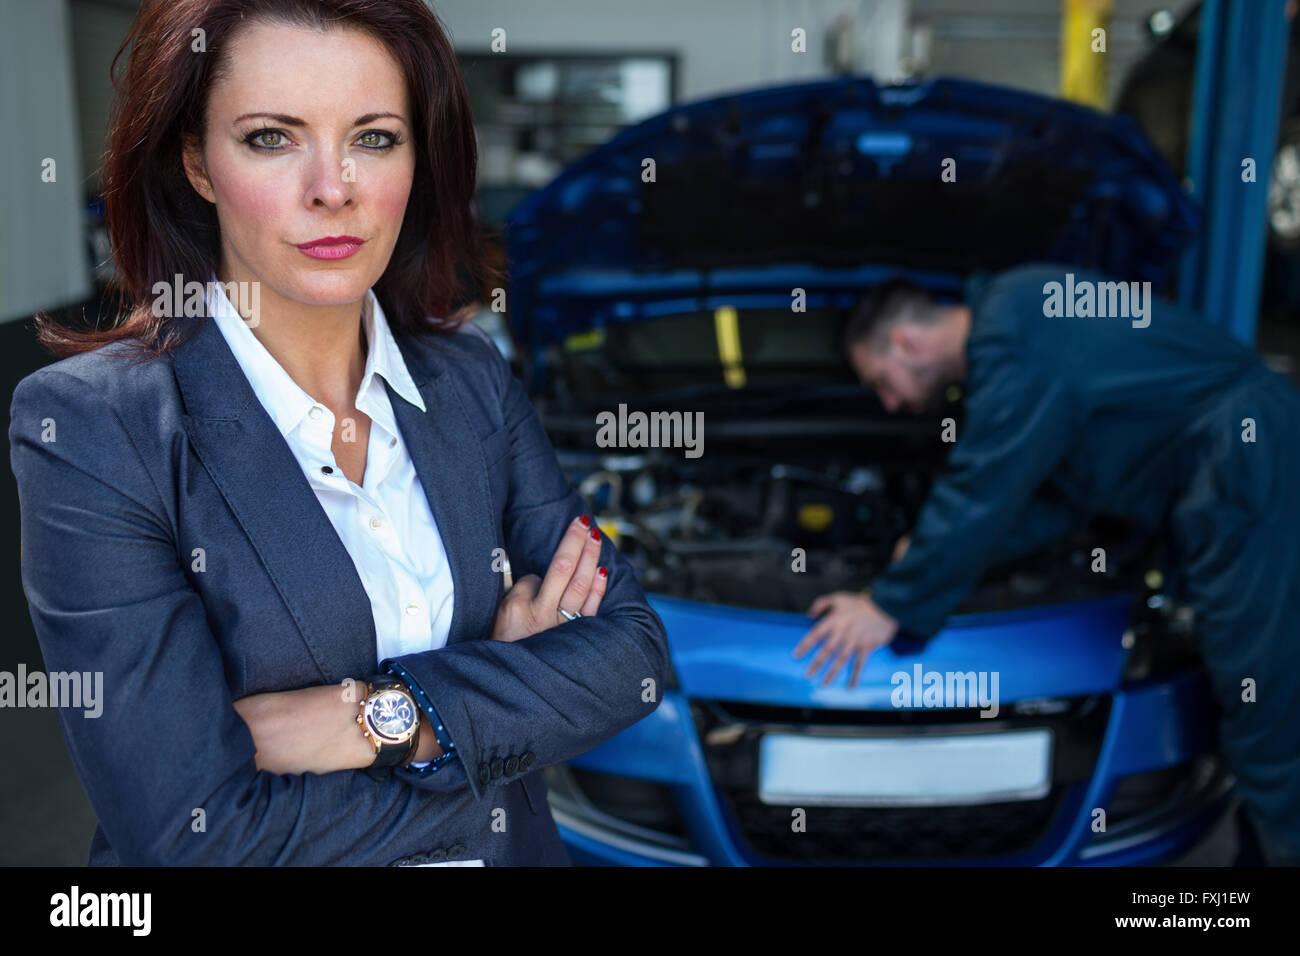 Customer looking at camera while mechanic examining car Stock Photo